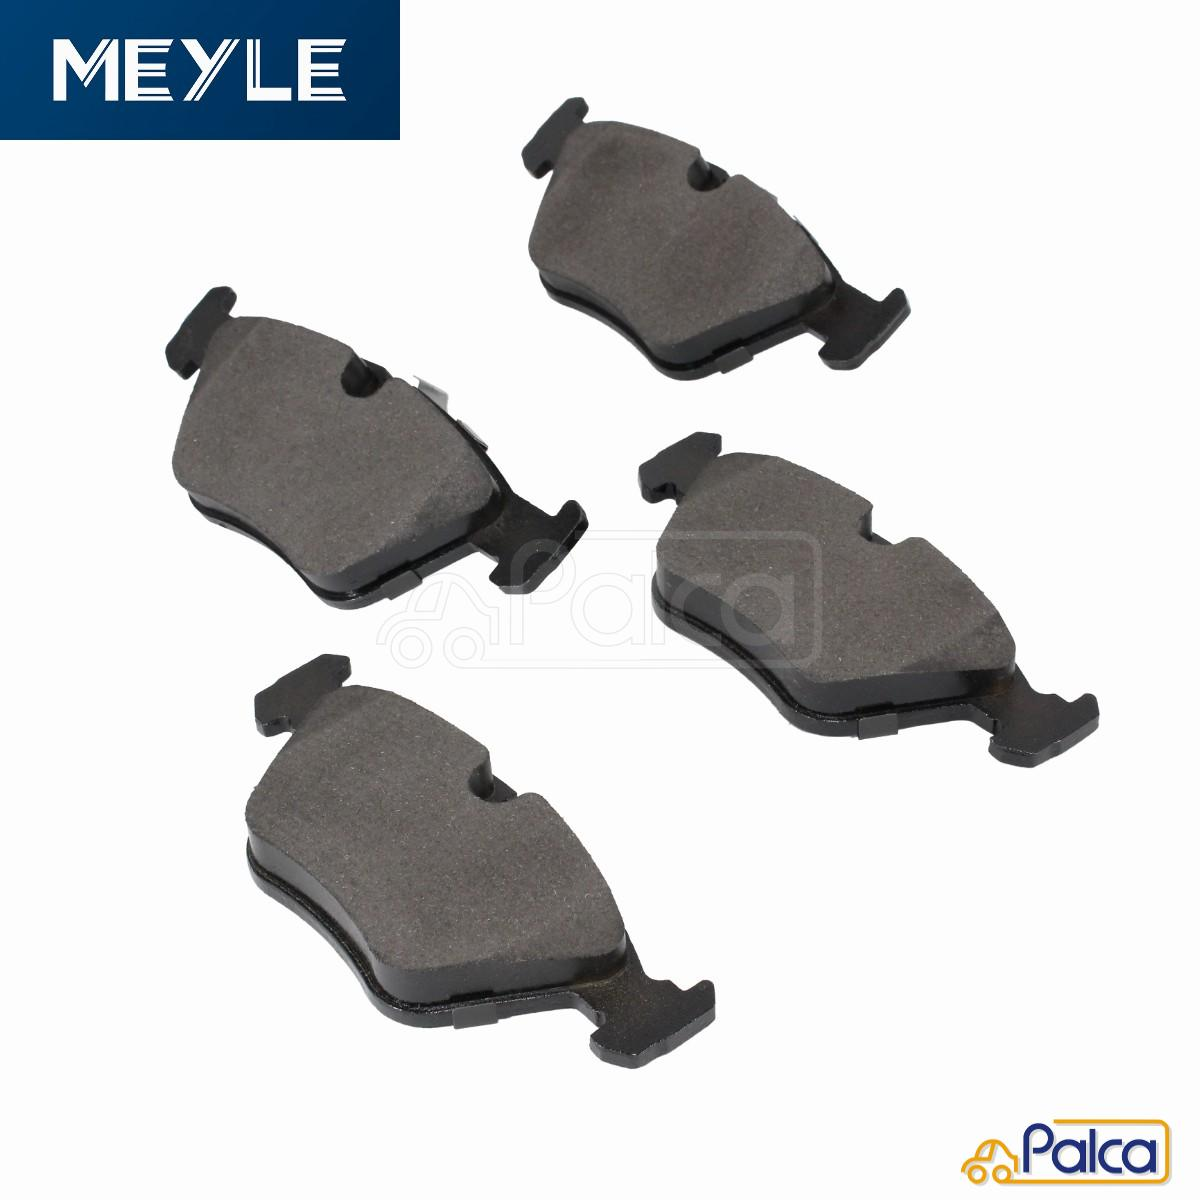 MEYLE製 新品 2020A W新作送料無料 数量は多 あす楽 BMW フロント E39 34116761278 34116761280 ブレーキディスクパッド 5シリーズ